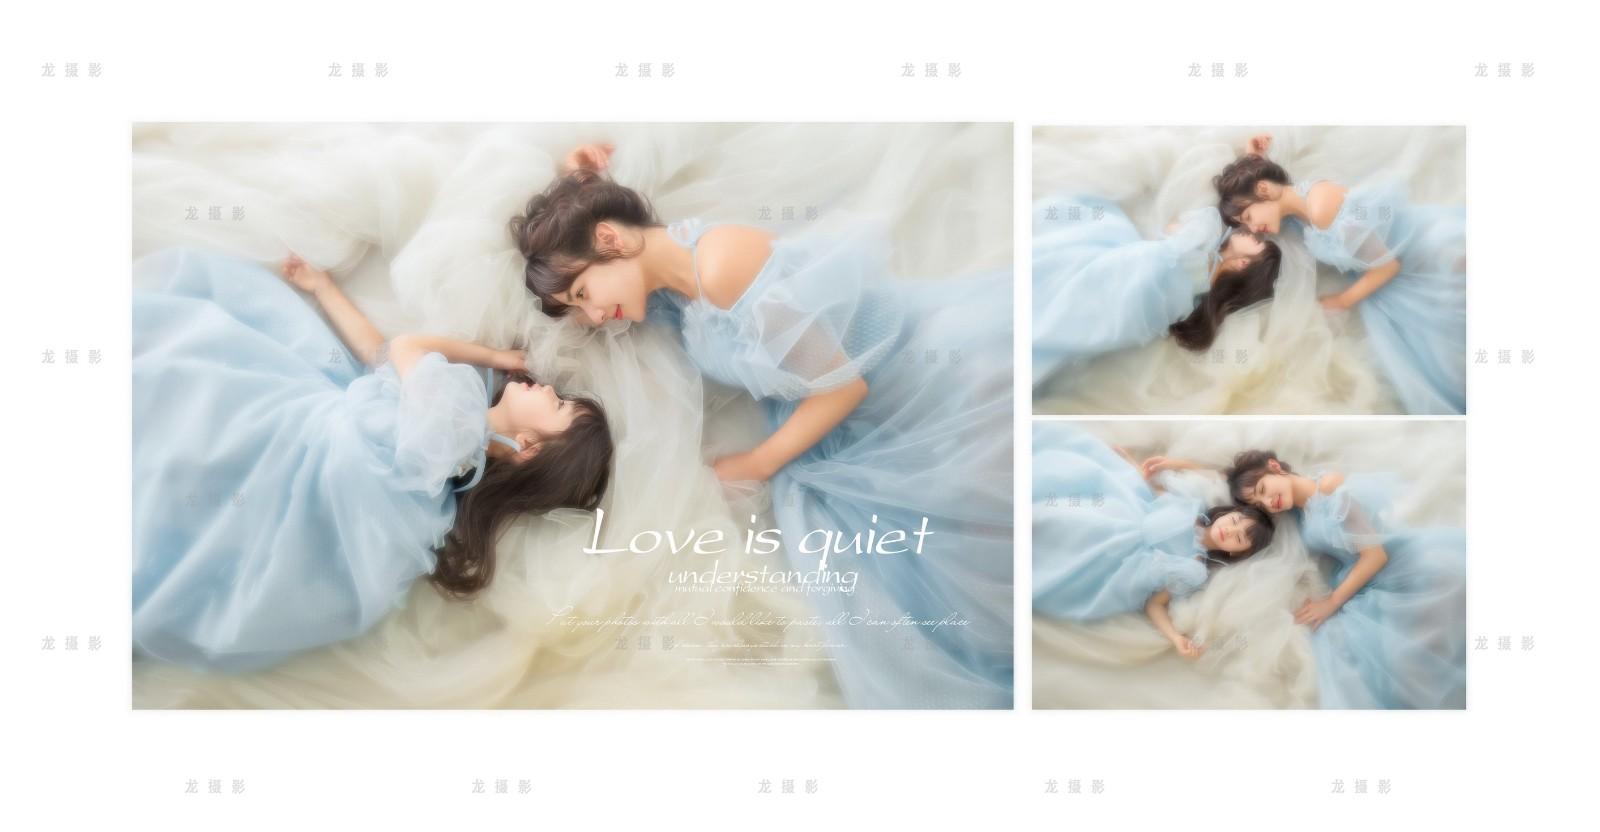 微愛|樣片展示-朝陽尊爵龍攝影有限公司